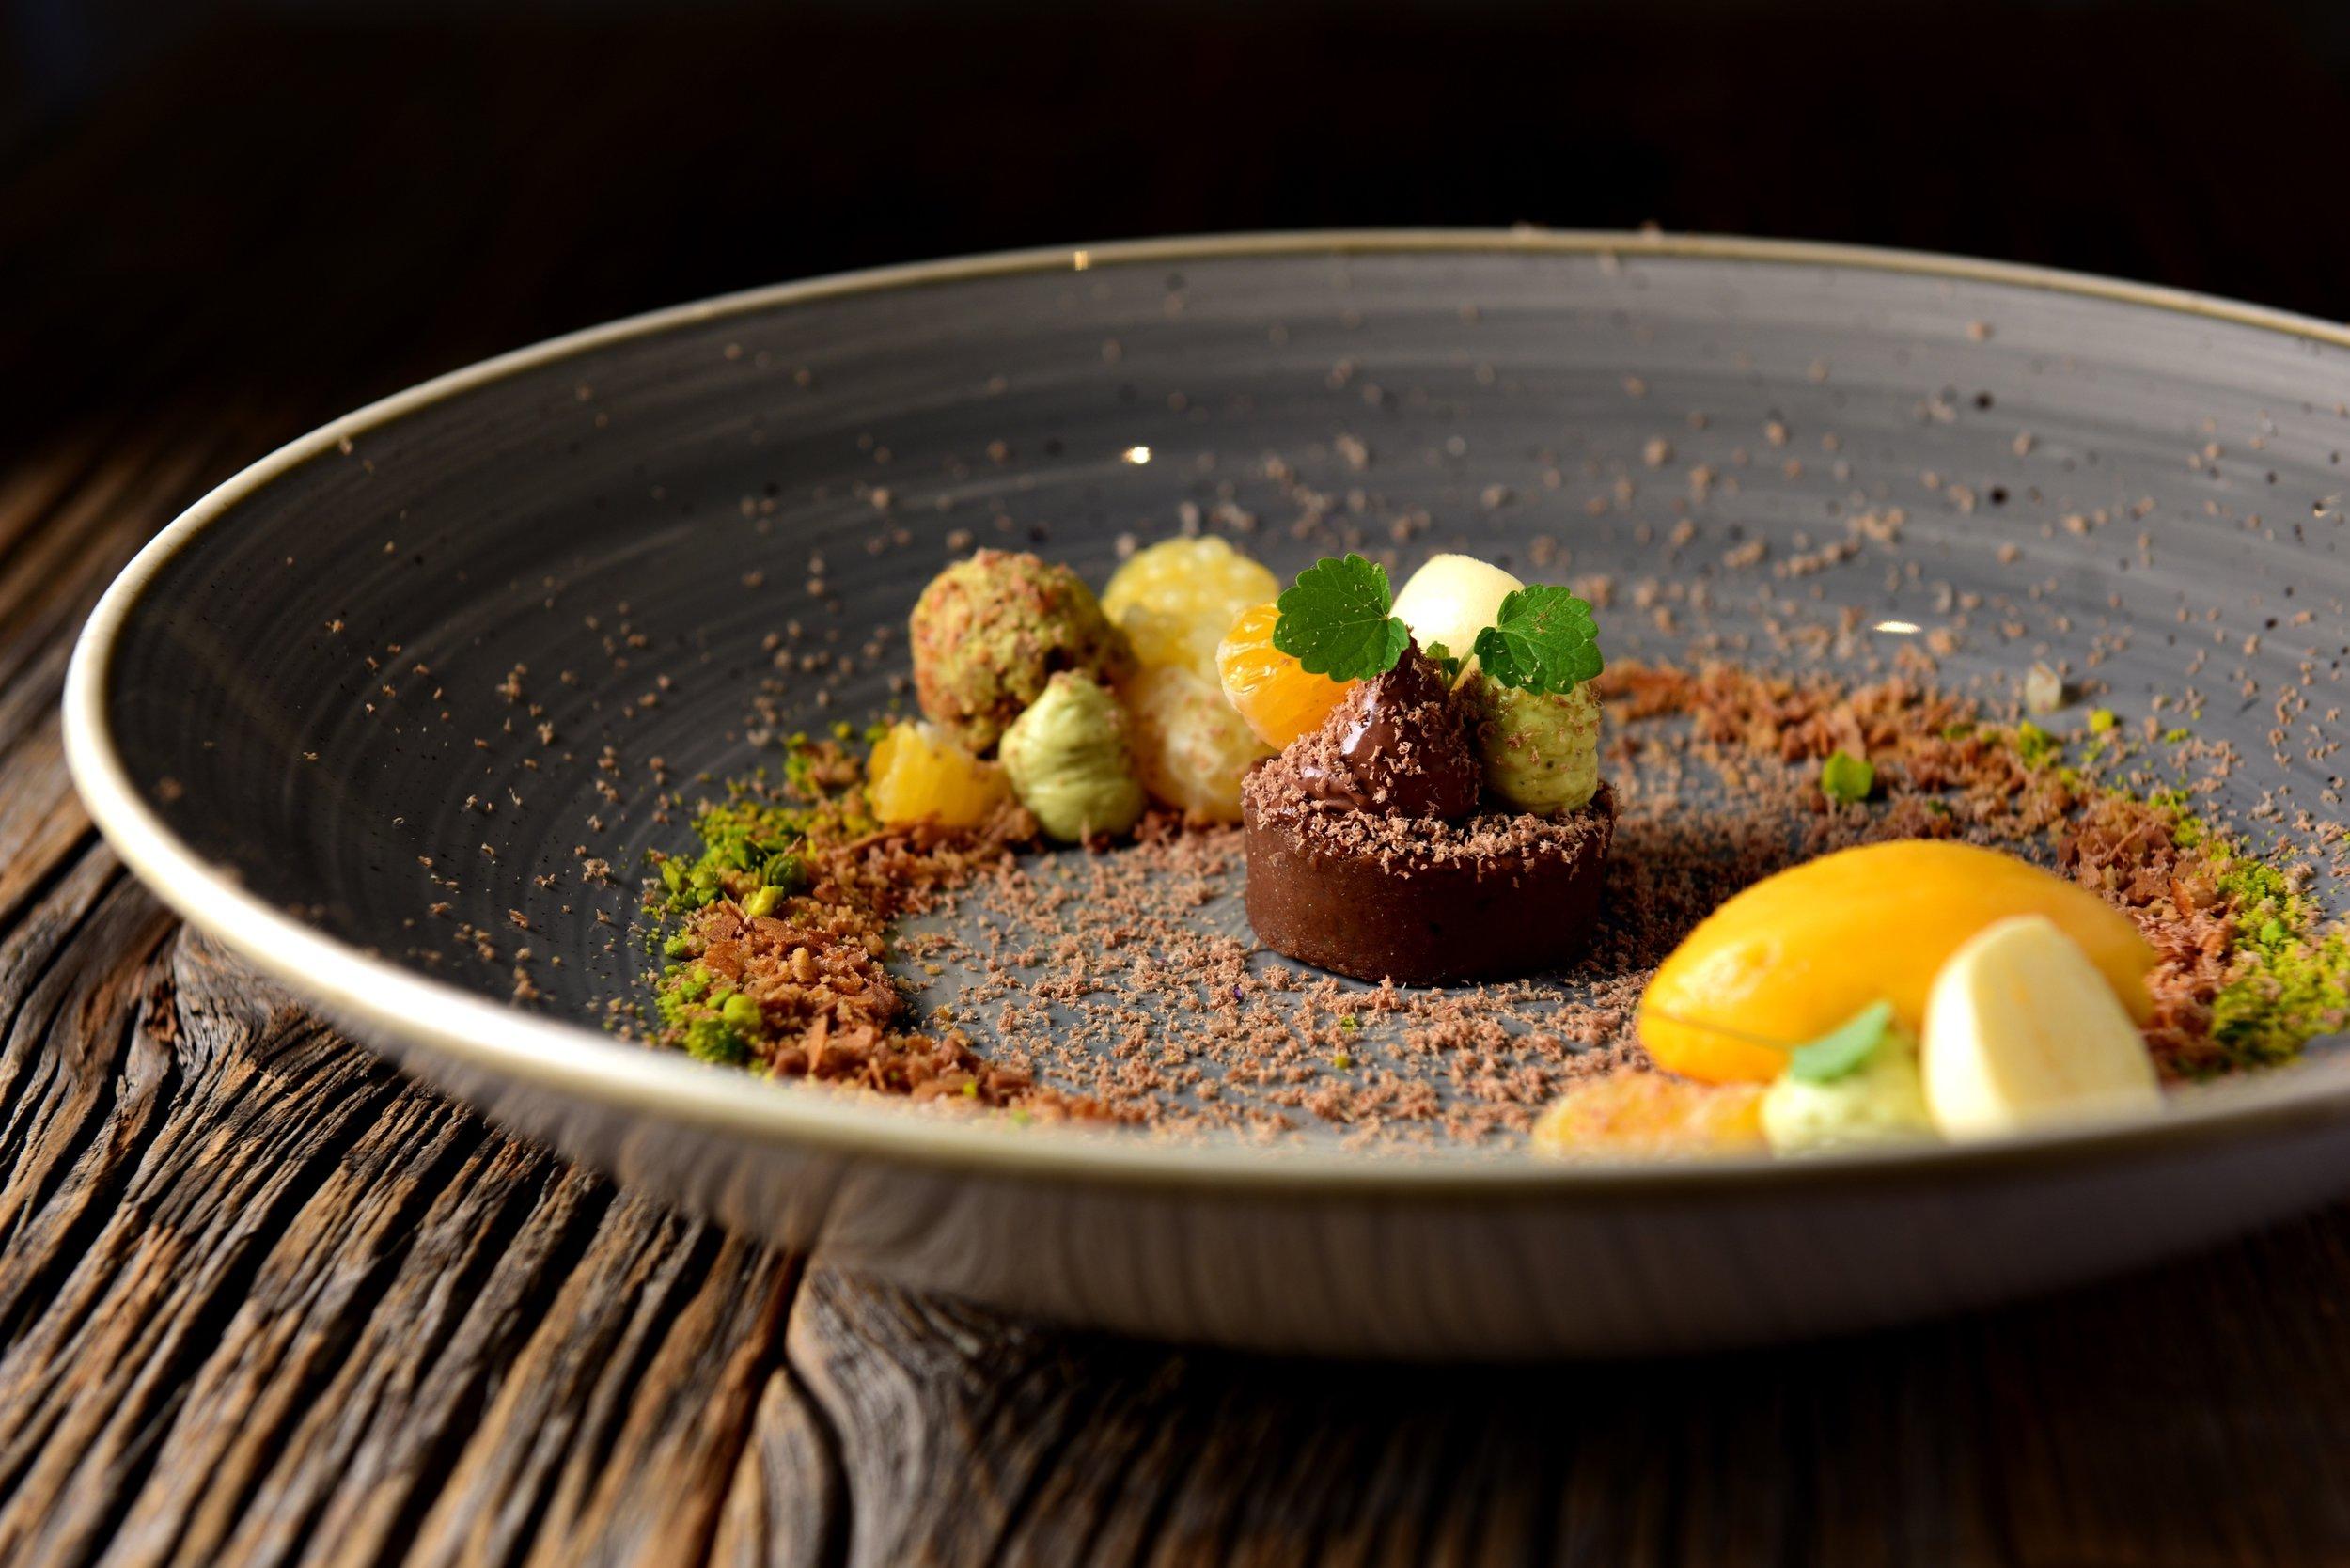 16 bistro marron deinze tablefever bart albrecht culinair fotograaf.jpg